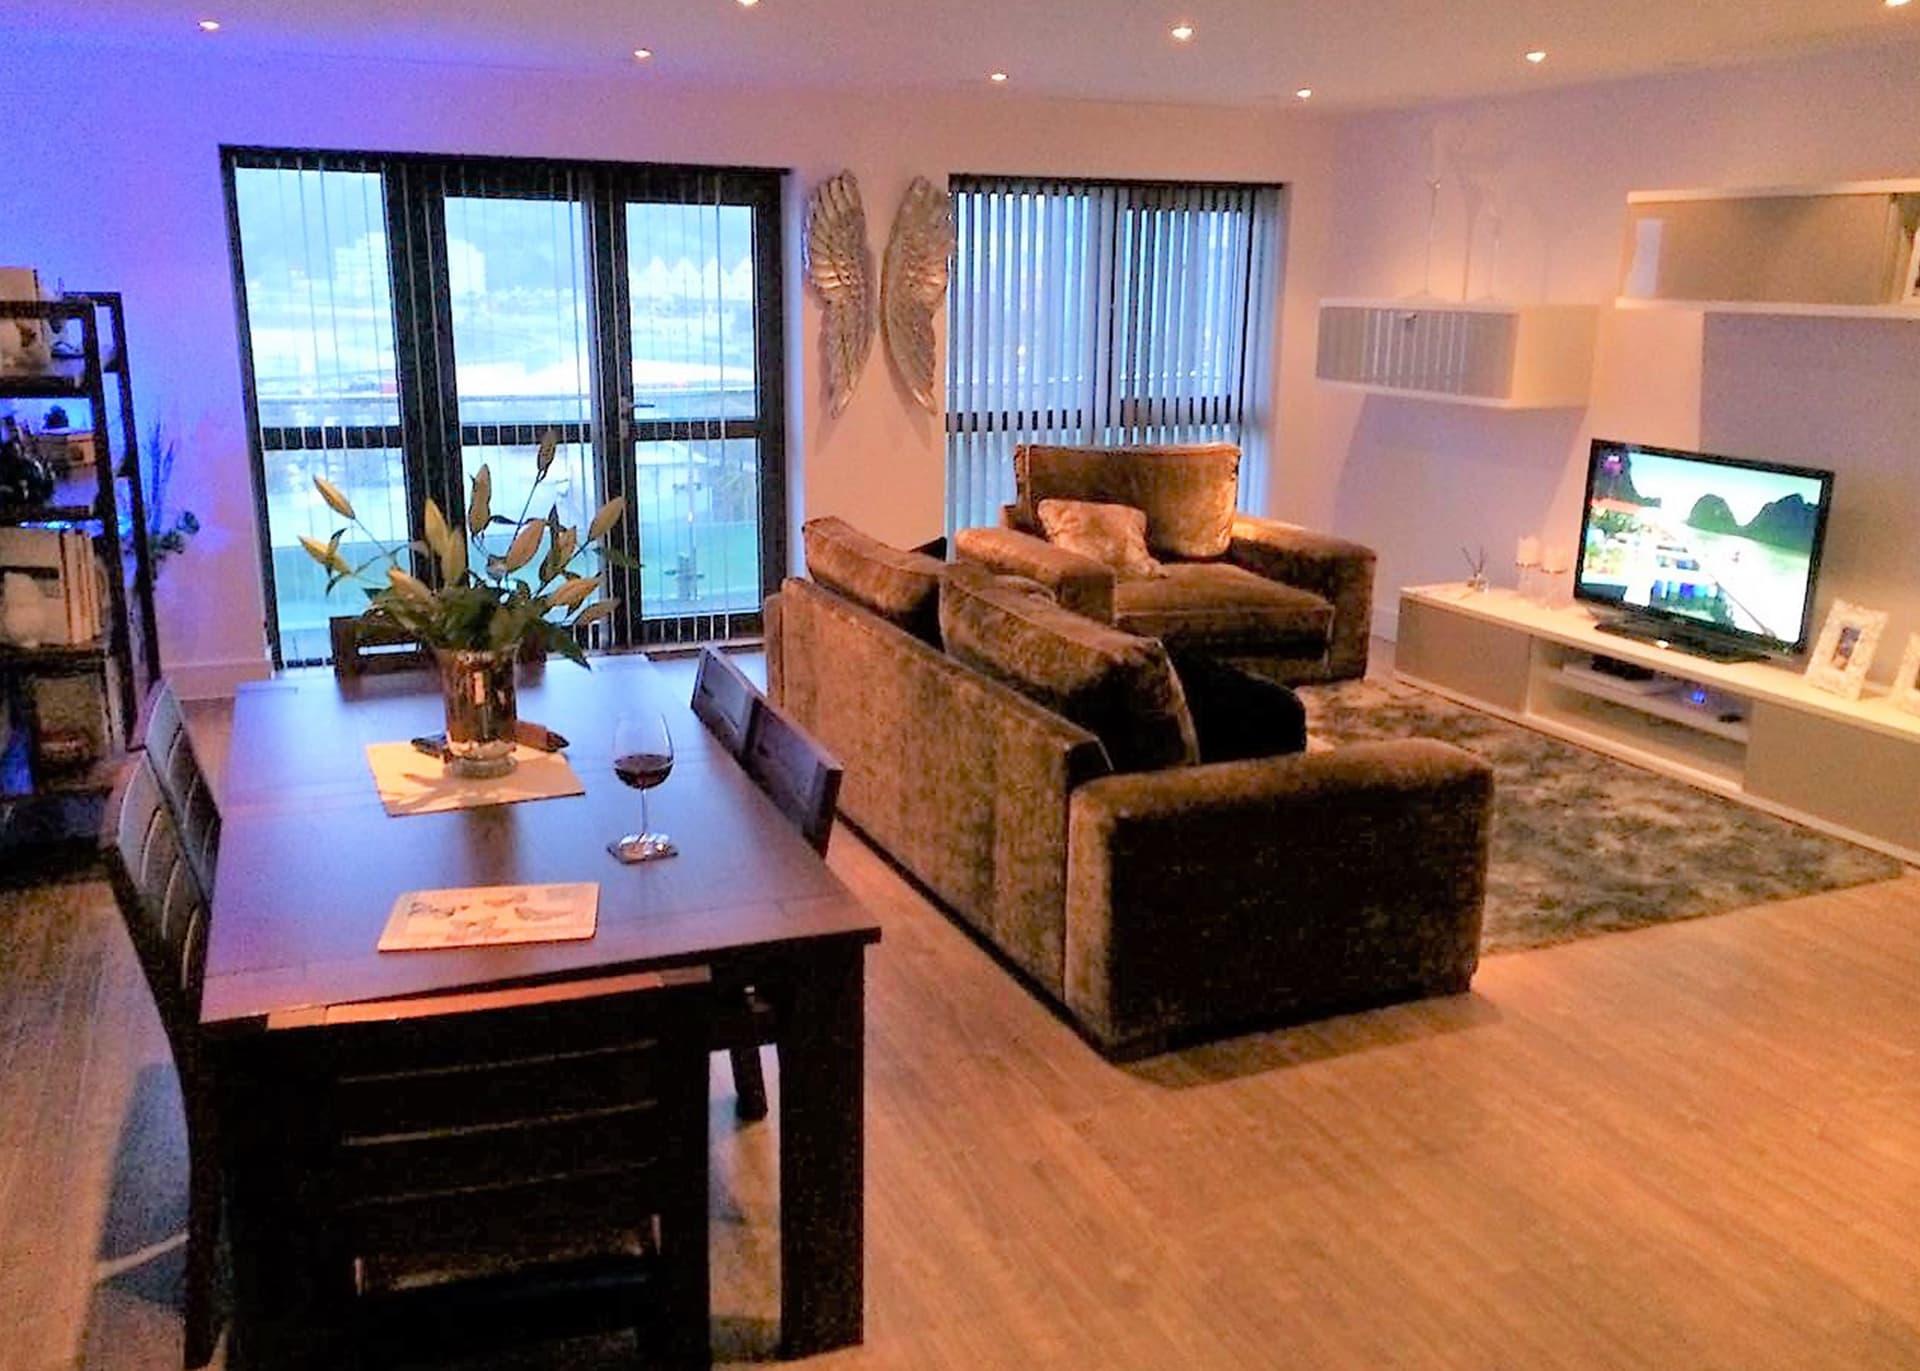 b301-Millias-House-Castle-Quay-living-space